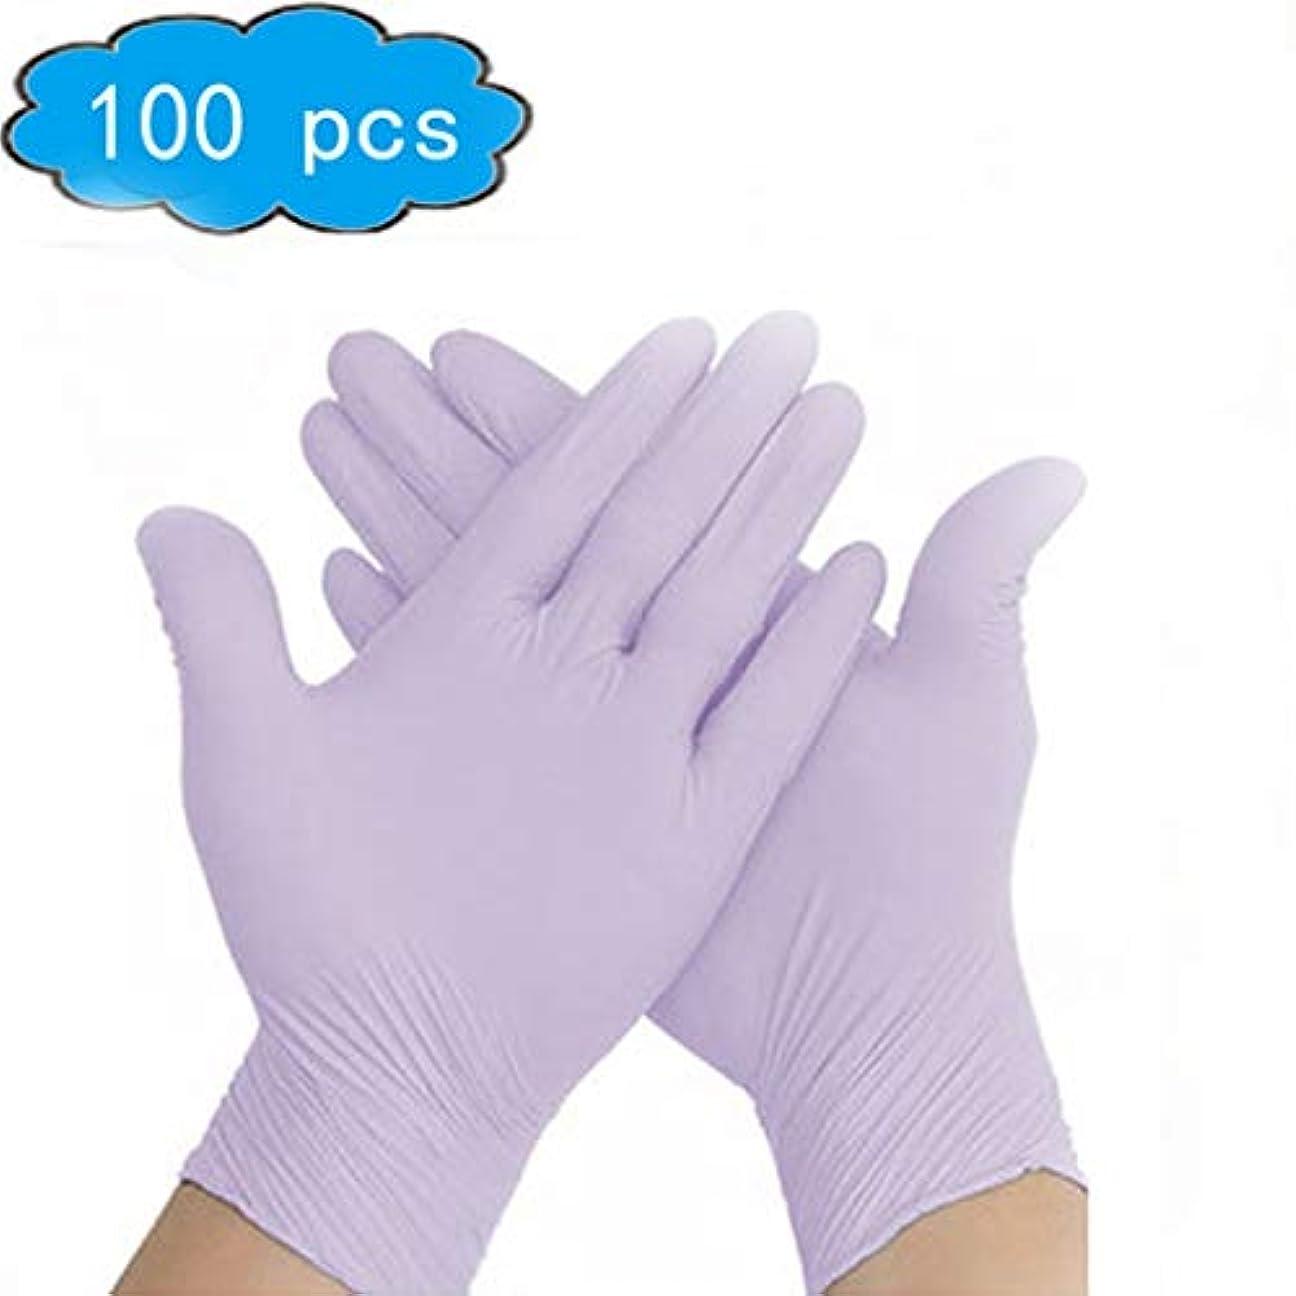 無能岸暗記するニトリル手袋 - 医療用グレード、パウダーフリー、使い捨て、非滅菌、食品安全、テクスチャード加工、紫色、便利なディスペンサーパッケージ100、中サイズ、サニタリー手袋 (Color : Purple, Size : L)